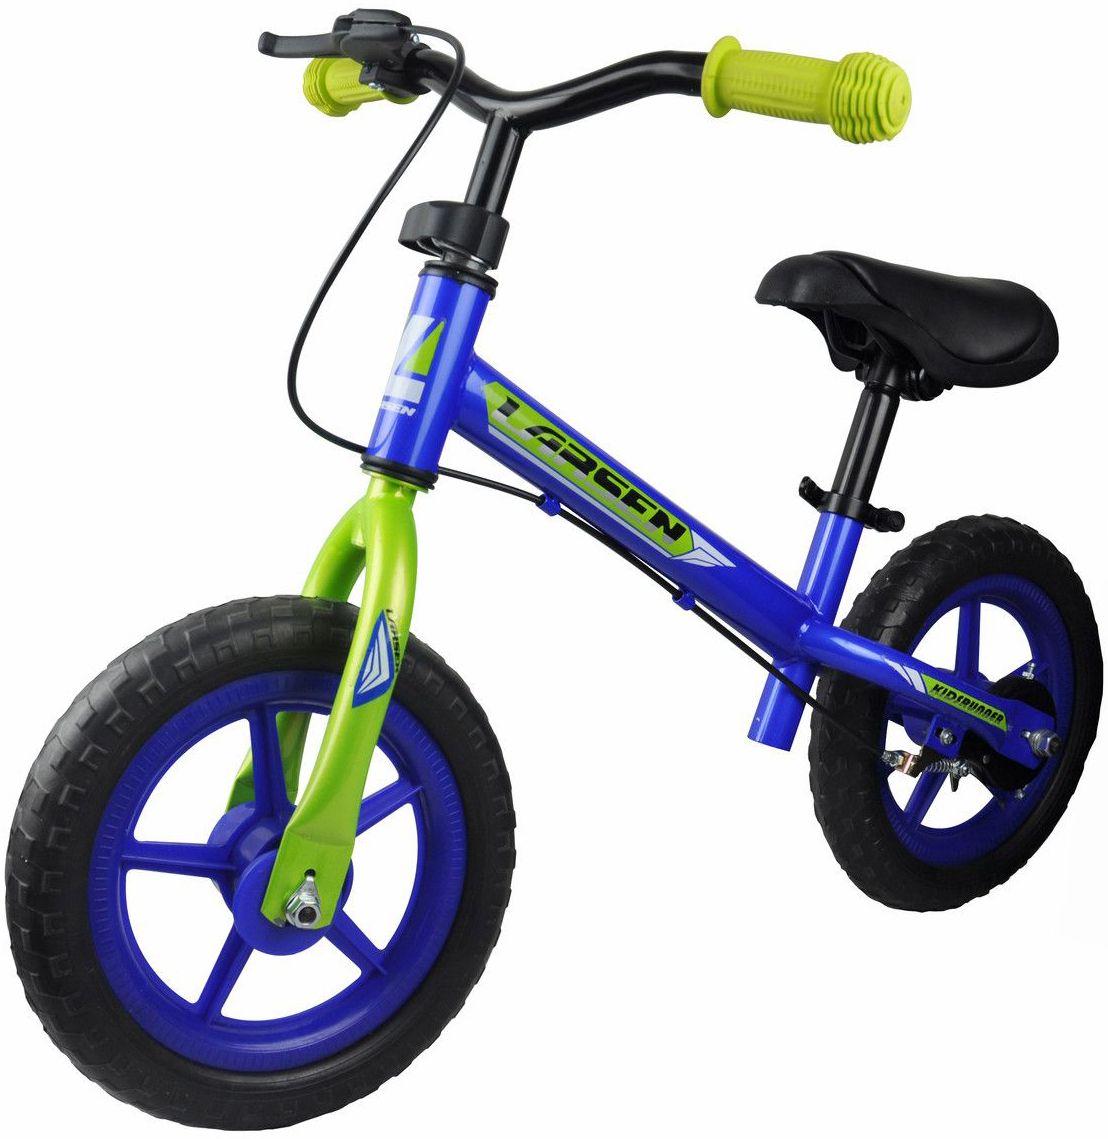 Беговел Larsen GS-003-TR02D, цвет: синий, салатовый337719Материал колес: полипропилен, EVA Максимальная масса пользователя: 20 кг Рама: углеродистая сталь Вилка: углеродистая сталь Размер колес: 12 Руль: полипропилен Тормоза: втулочные